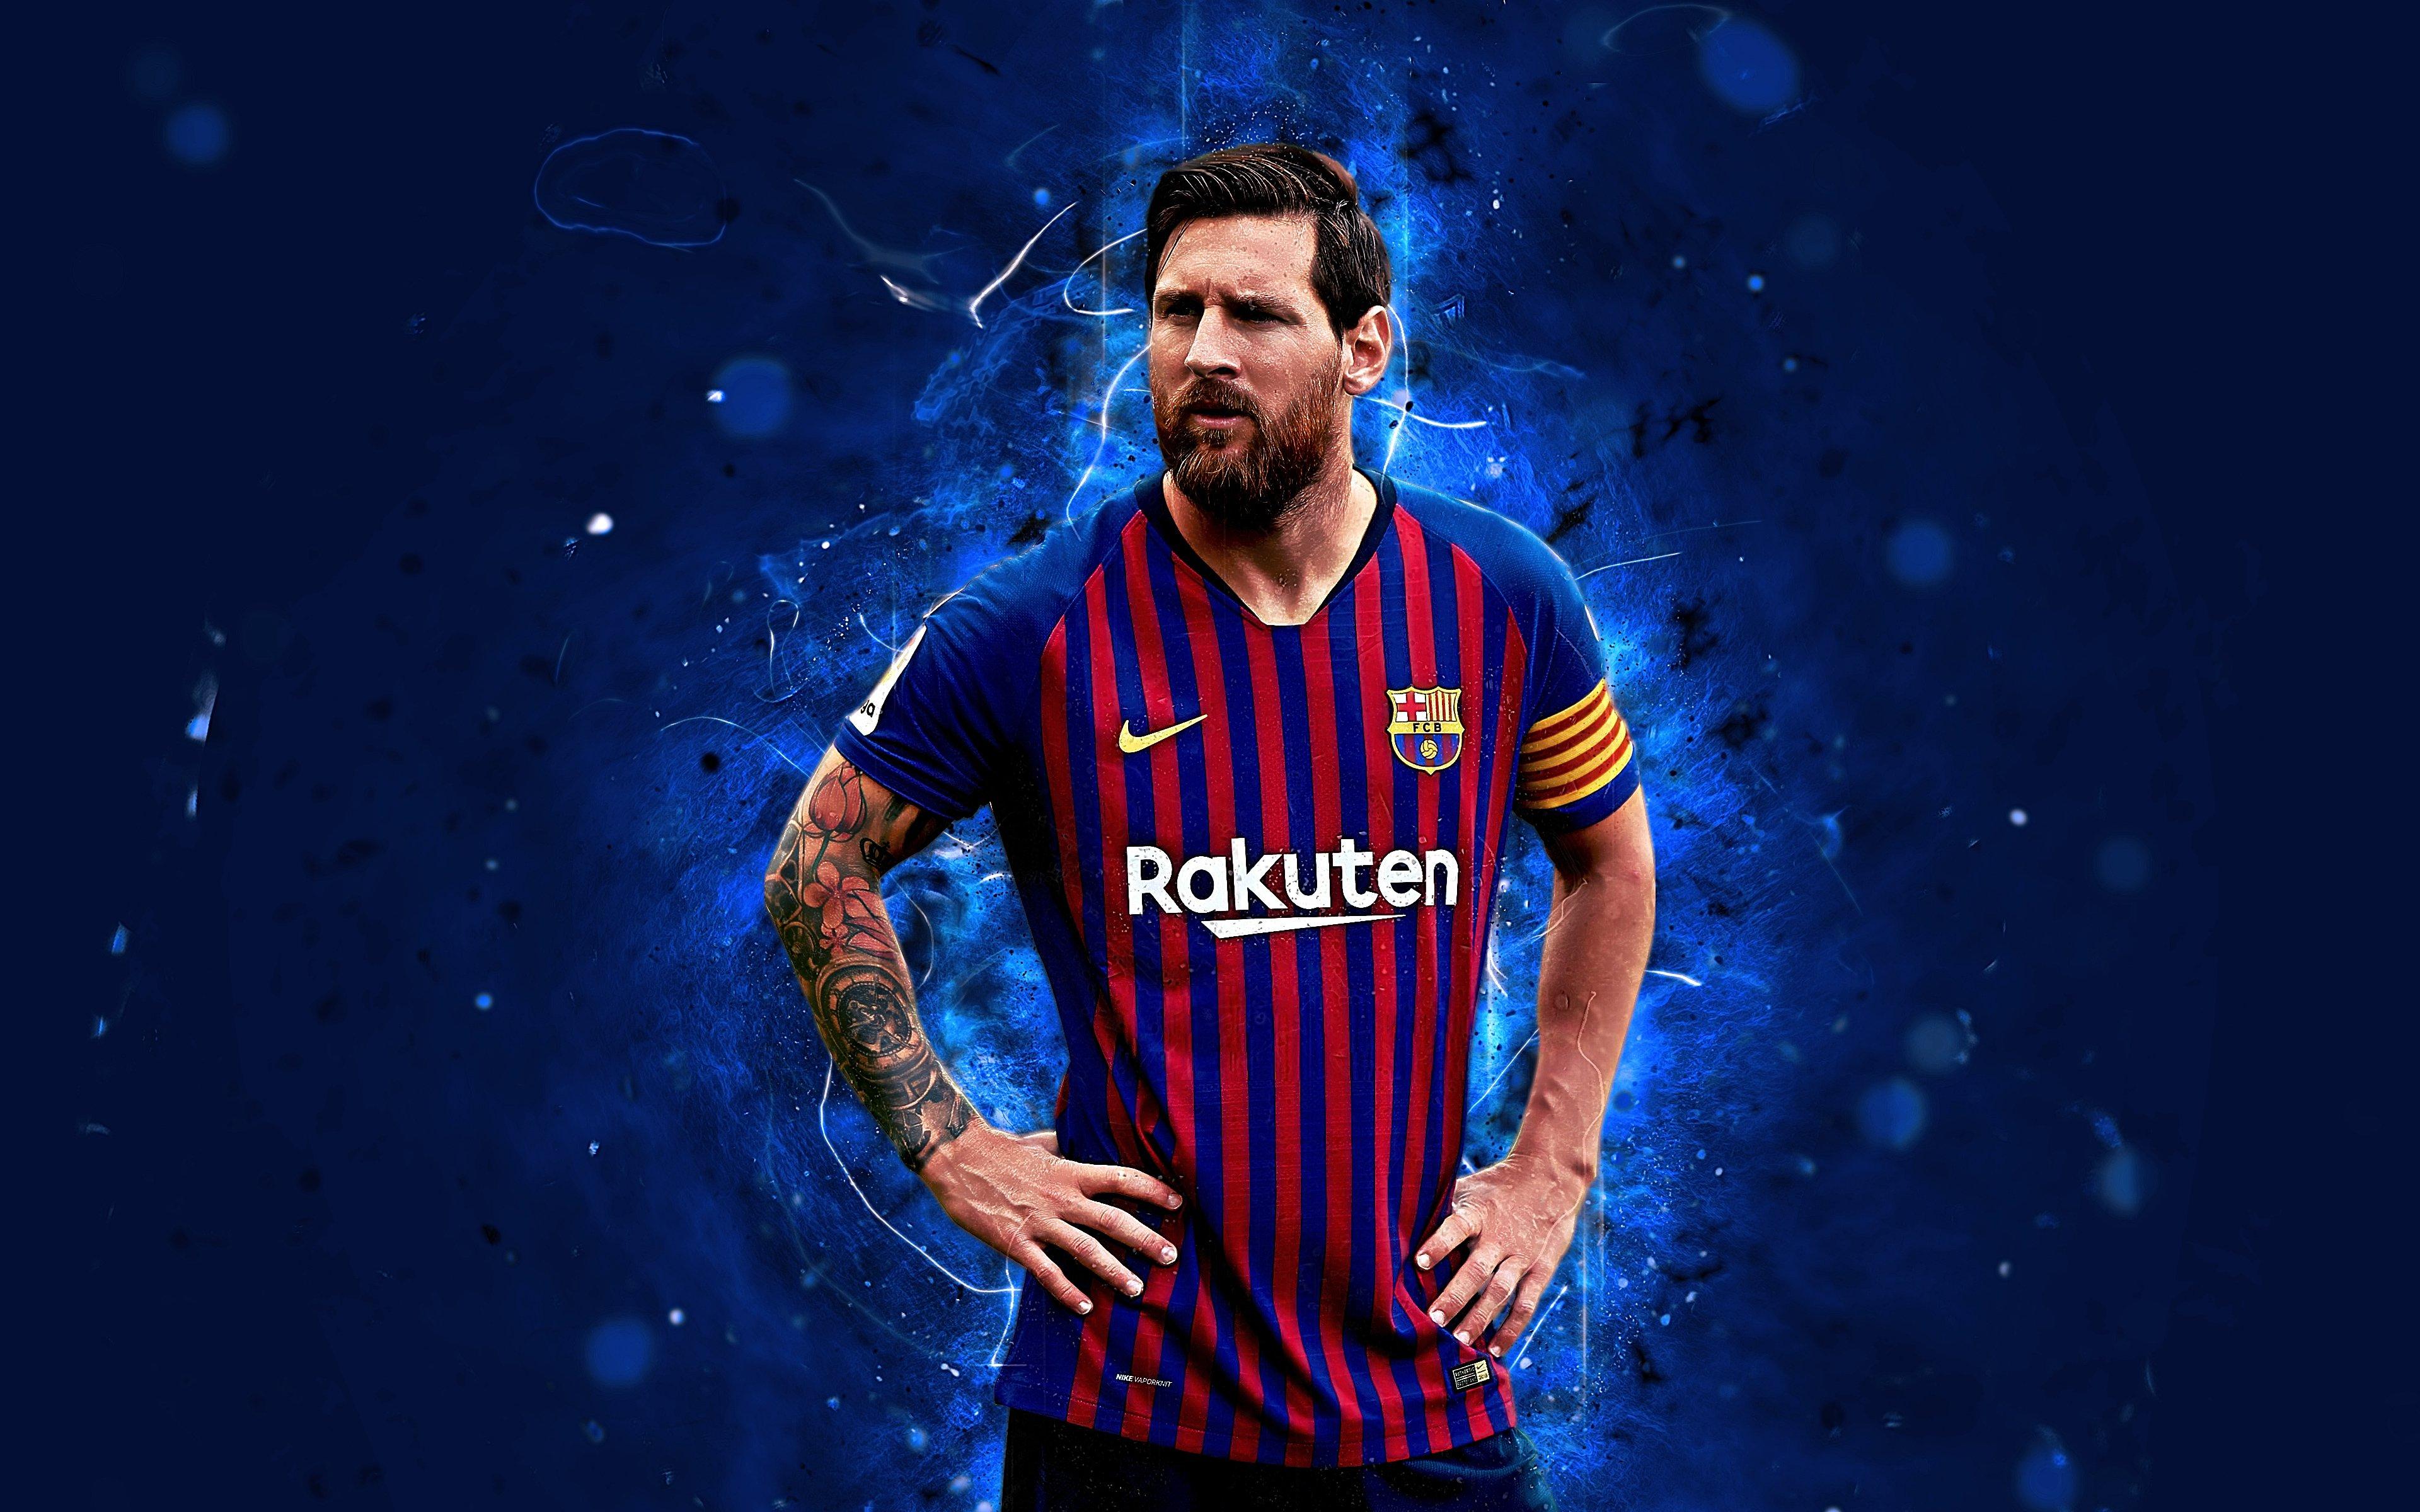 Fondos de pantalla Lionel Messi Barcelona